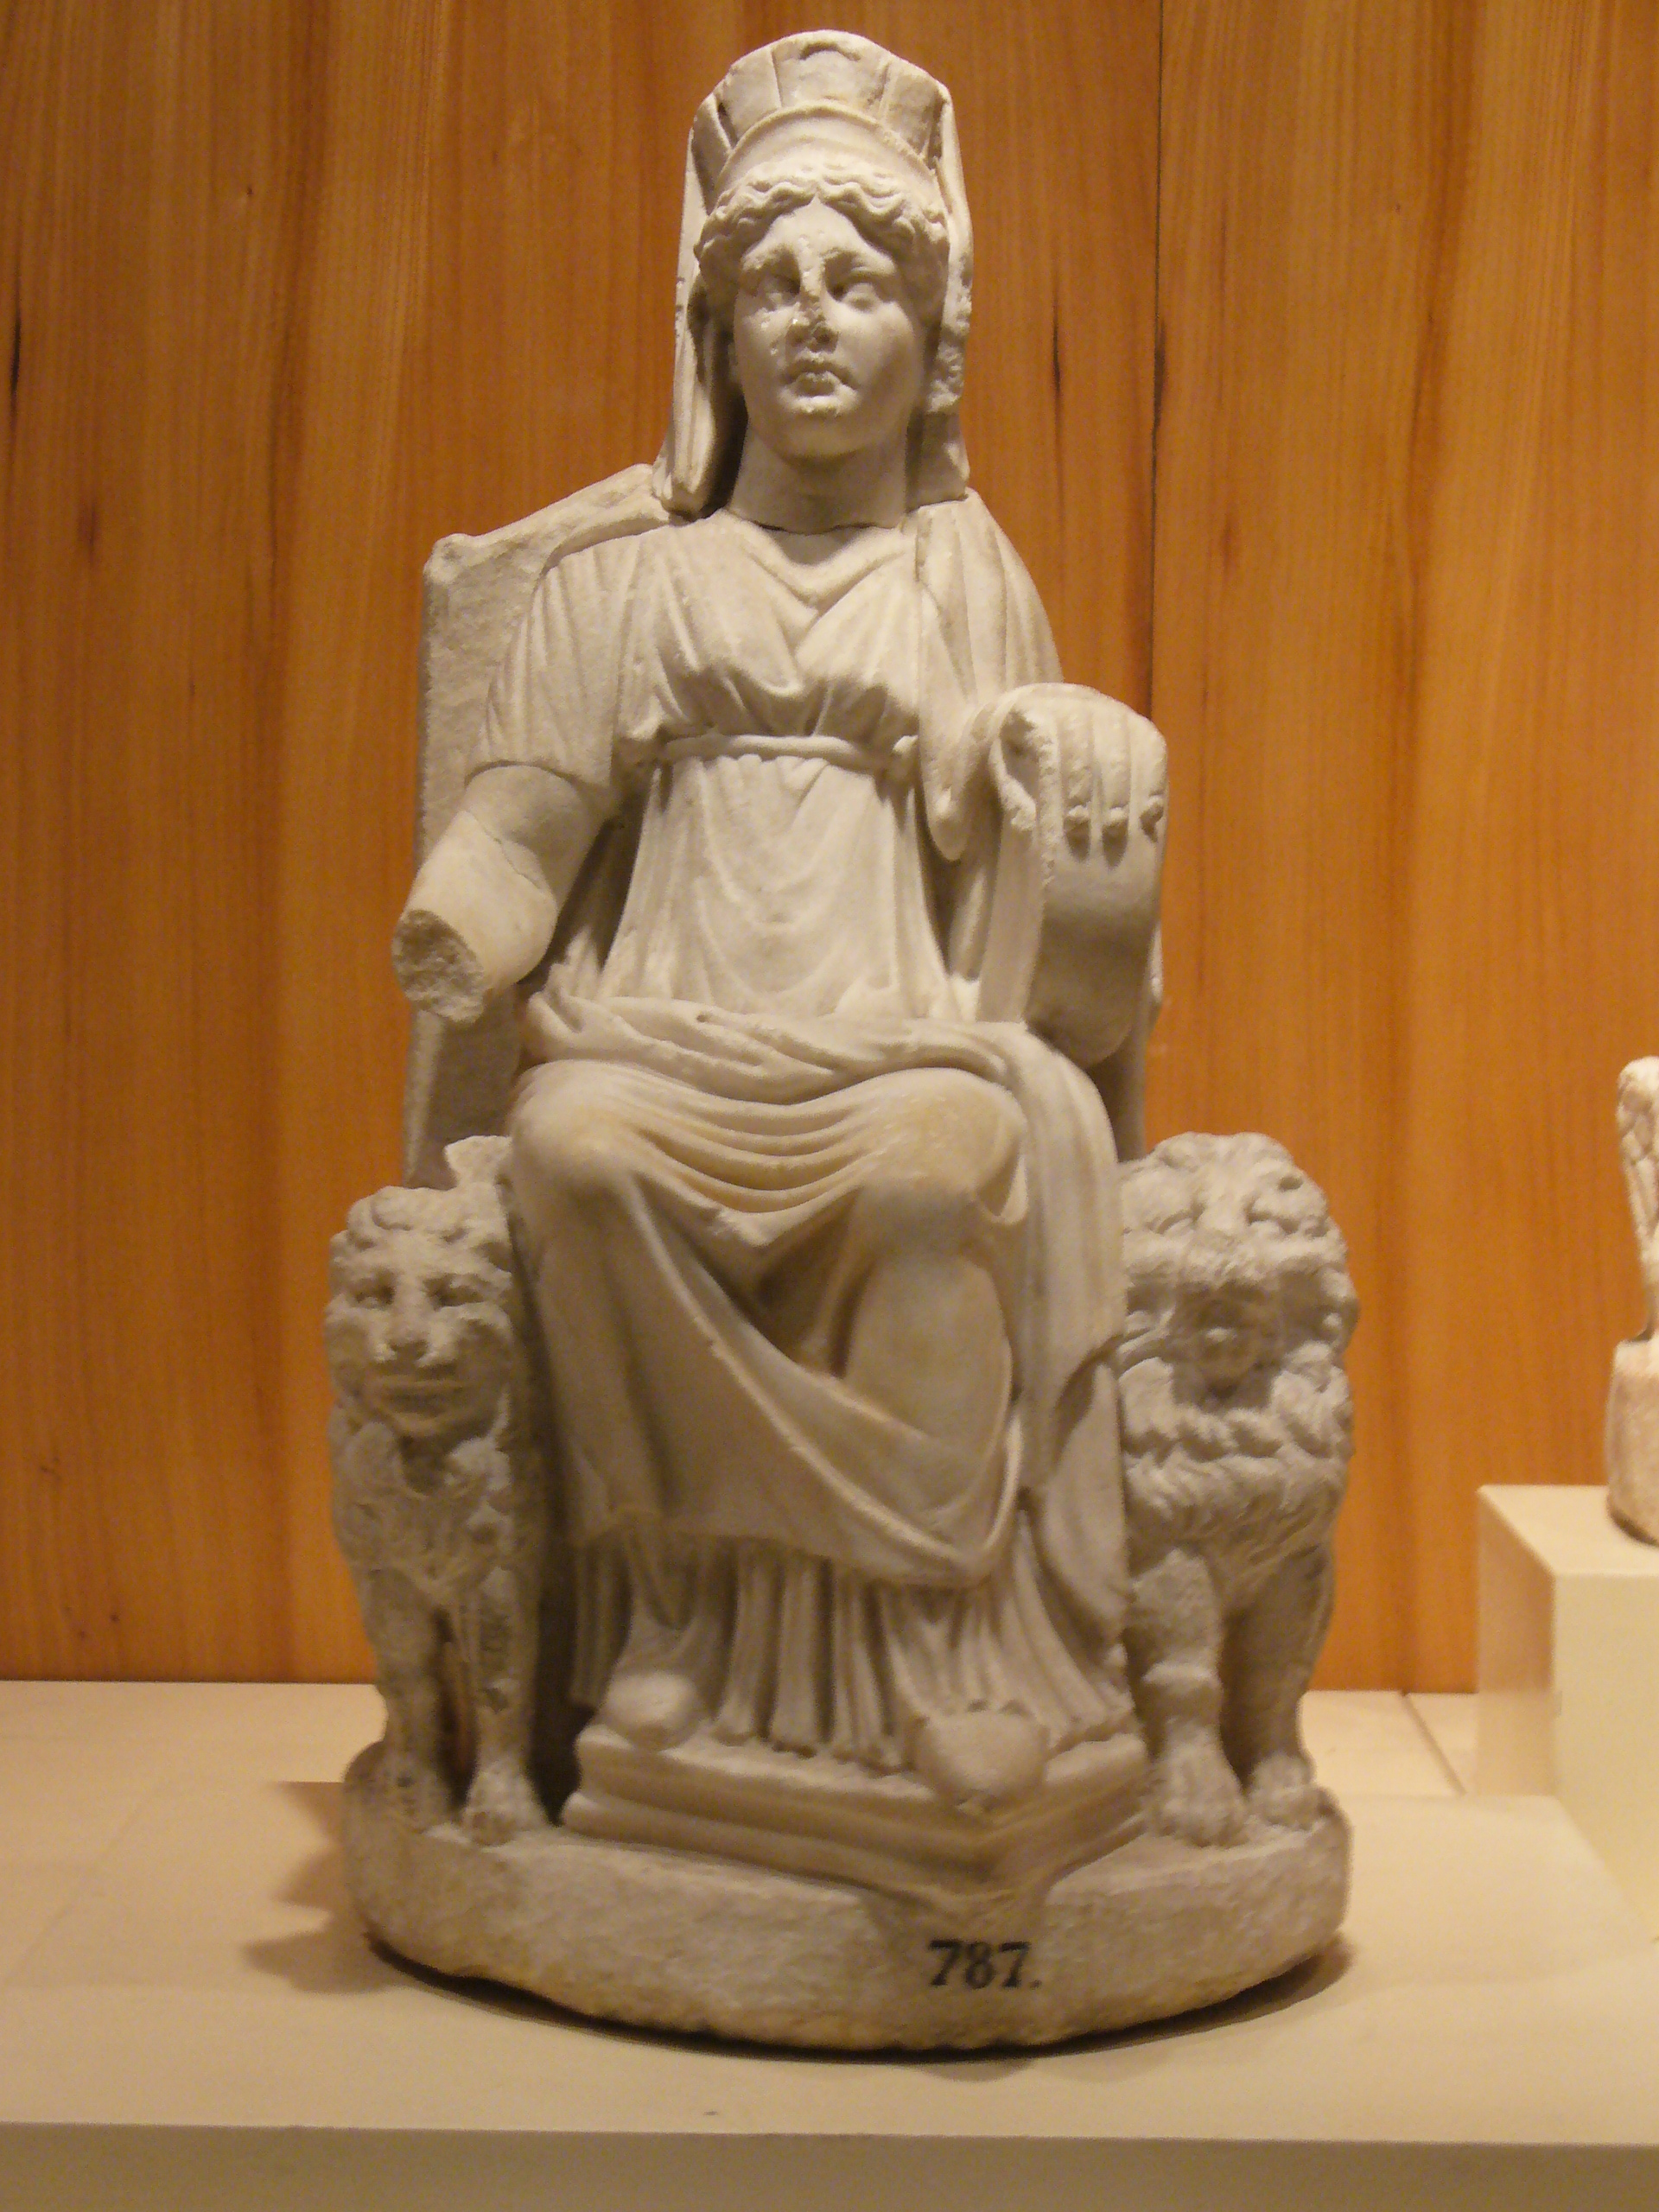 للوانی ، الهه ارواح جهان فروردین